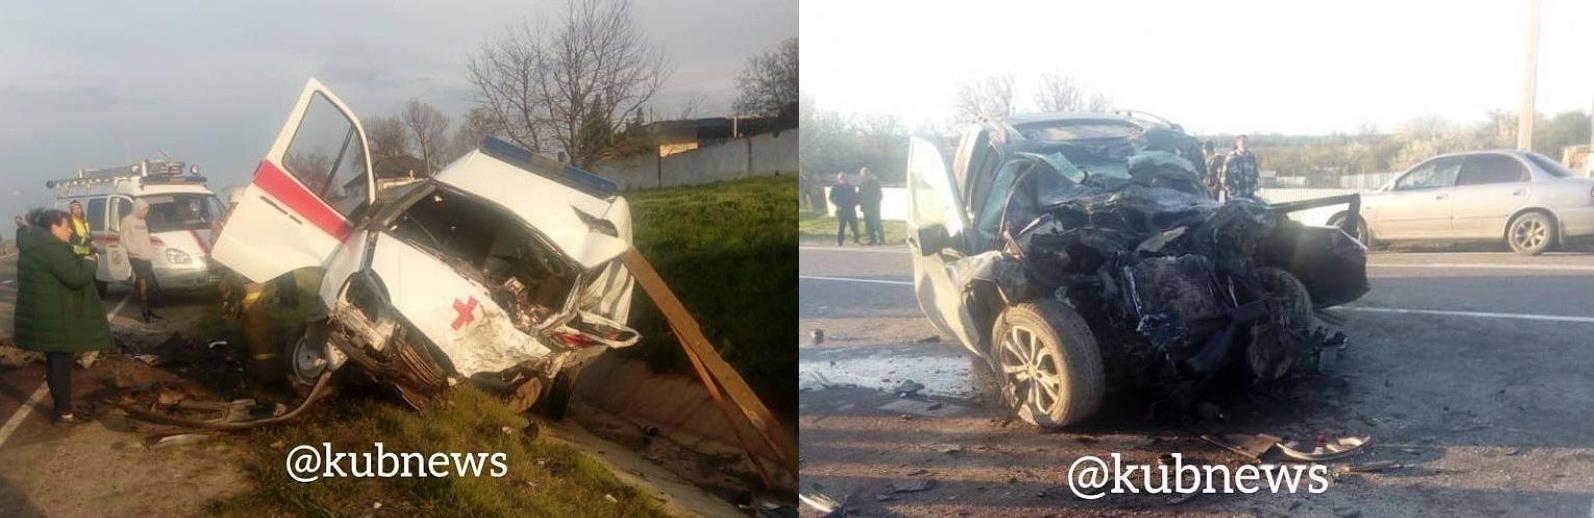 В Крымском районе Краснодарского края вечером 21 апреля произошло смертельное ДТП с участием скорой помощи и внедорожника BMW X5, передаёт «Блокнот». На месте происшествия сразу же скончались водители обеих машин, а позже в больнице умерла и фельдшер «скорой».